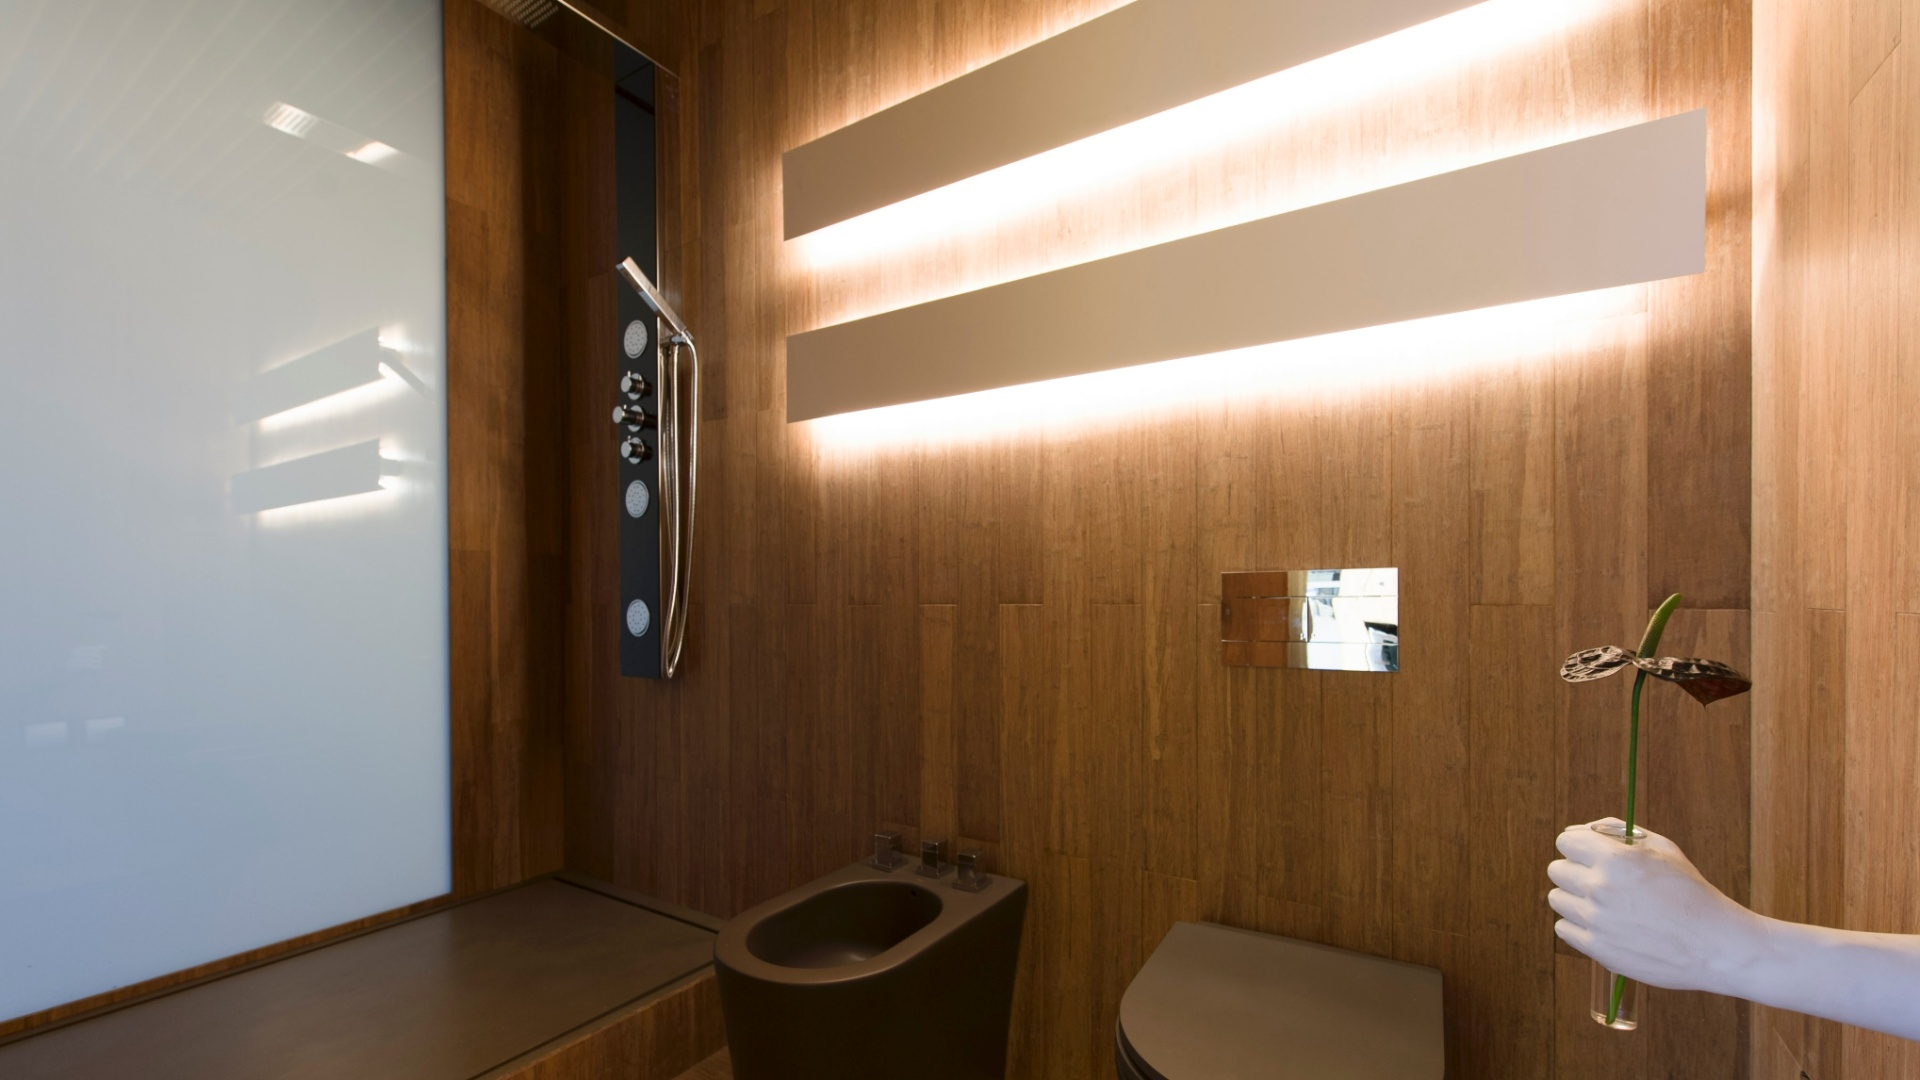 Imagens de #392410 No banheiro do ambiente Hotel Black assinado por Guilherme Torres o  1920x1080 px 2936 Box Banheiro Fosco